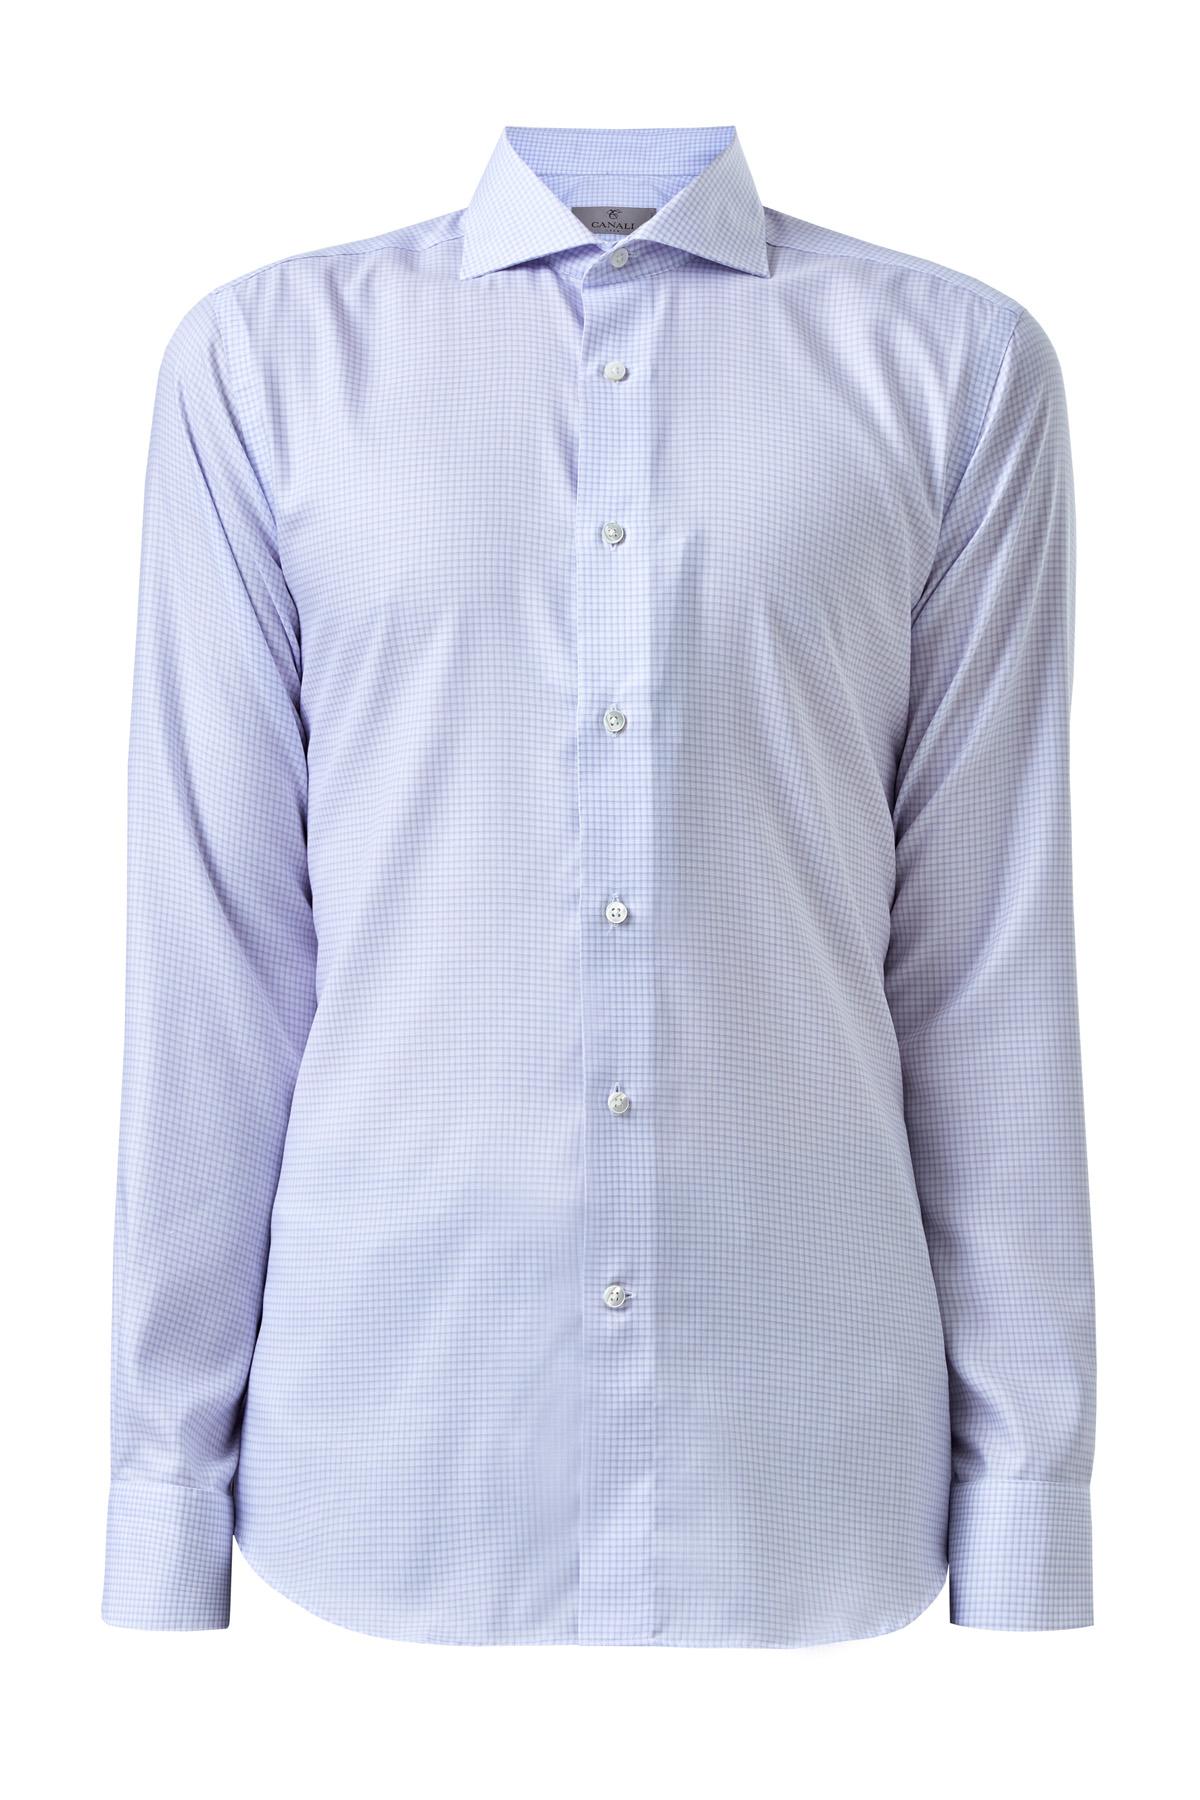 Рубашка Modern Fit из хлопка Impeccabile в линованную клетку